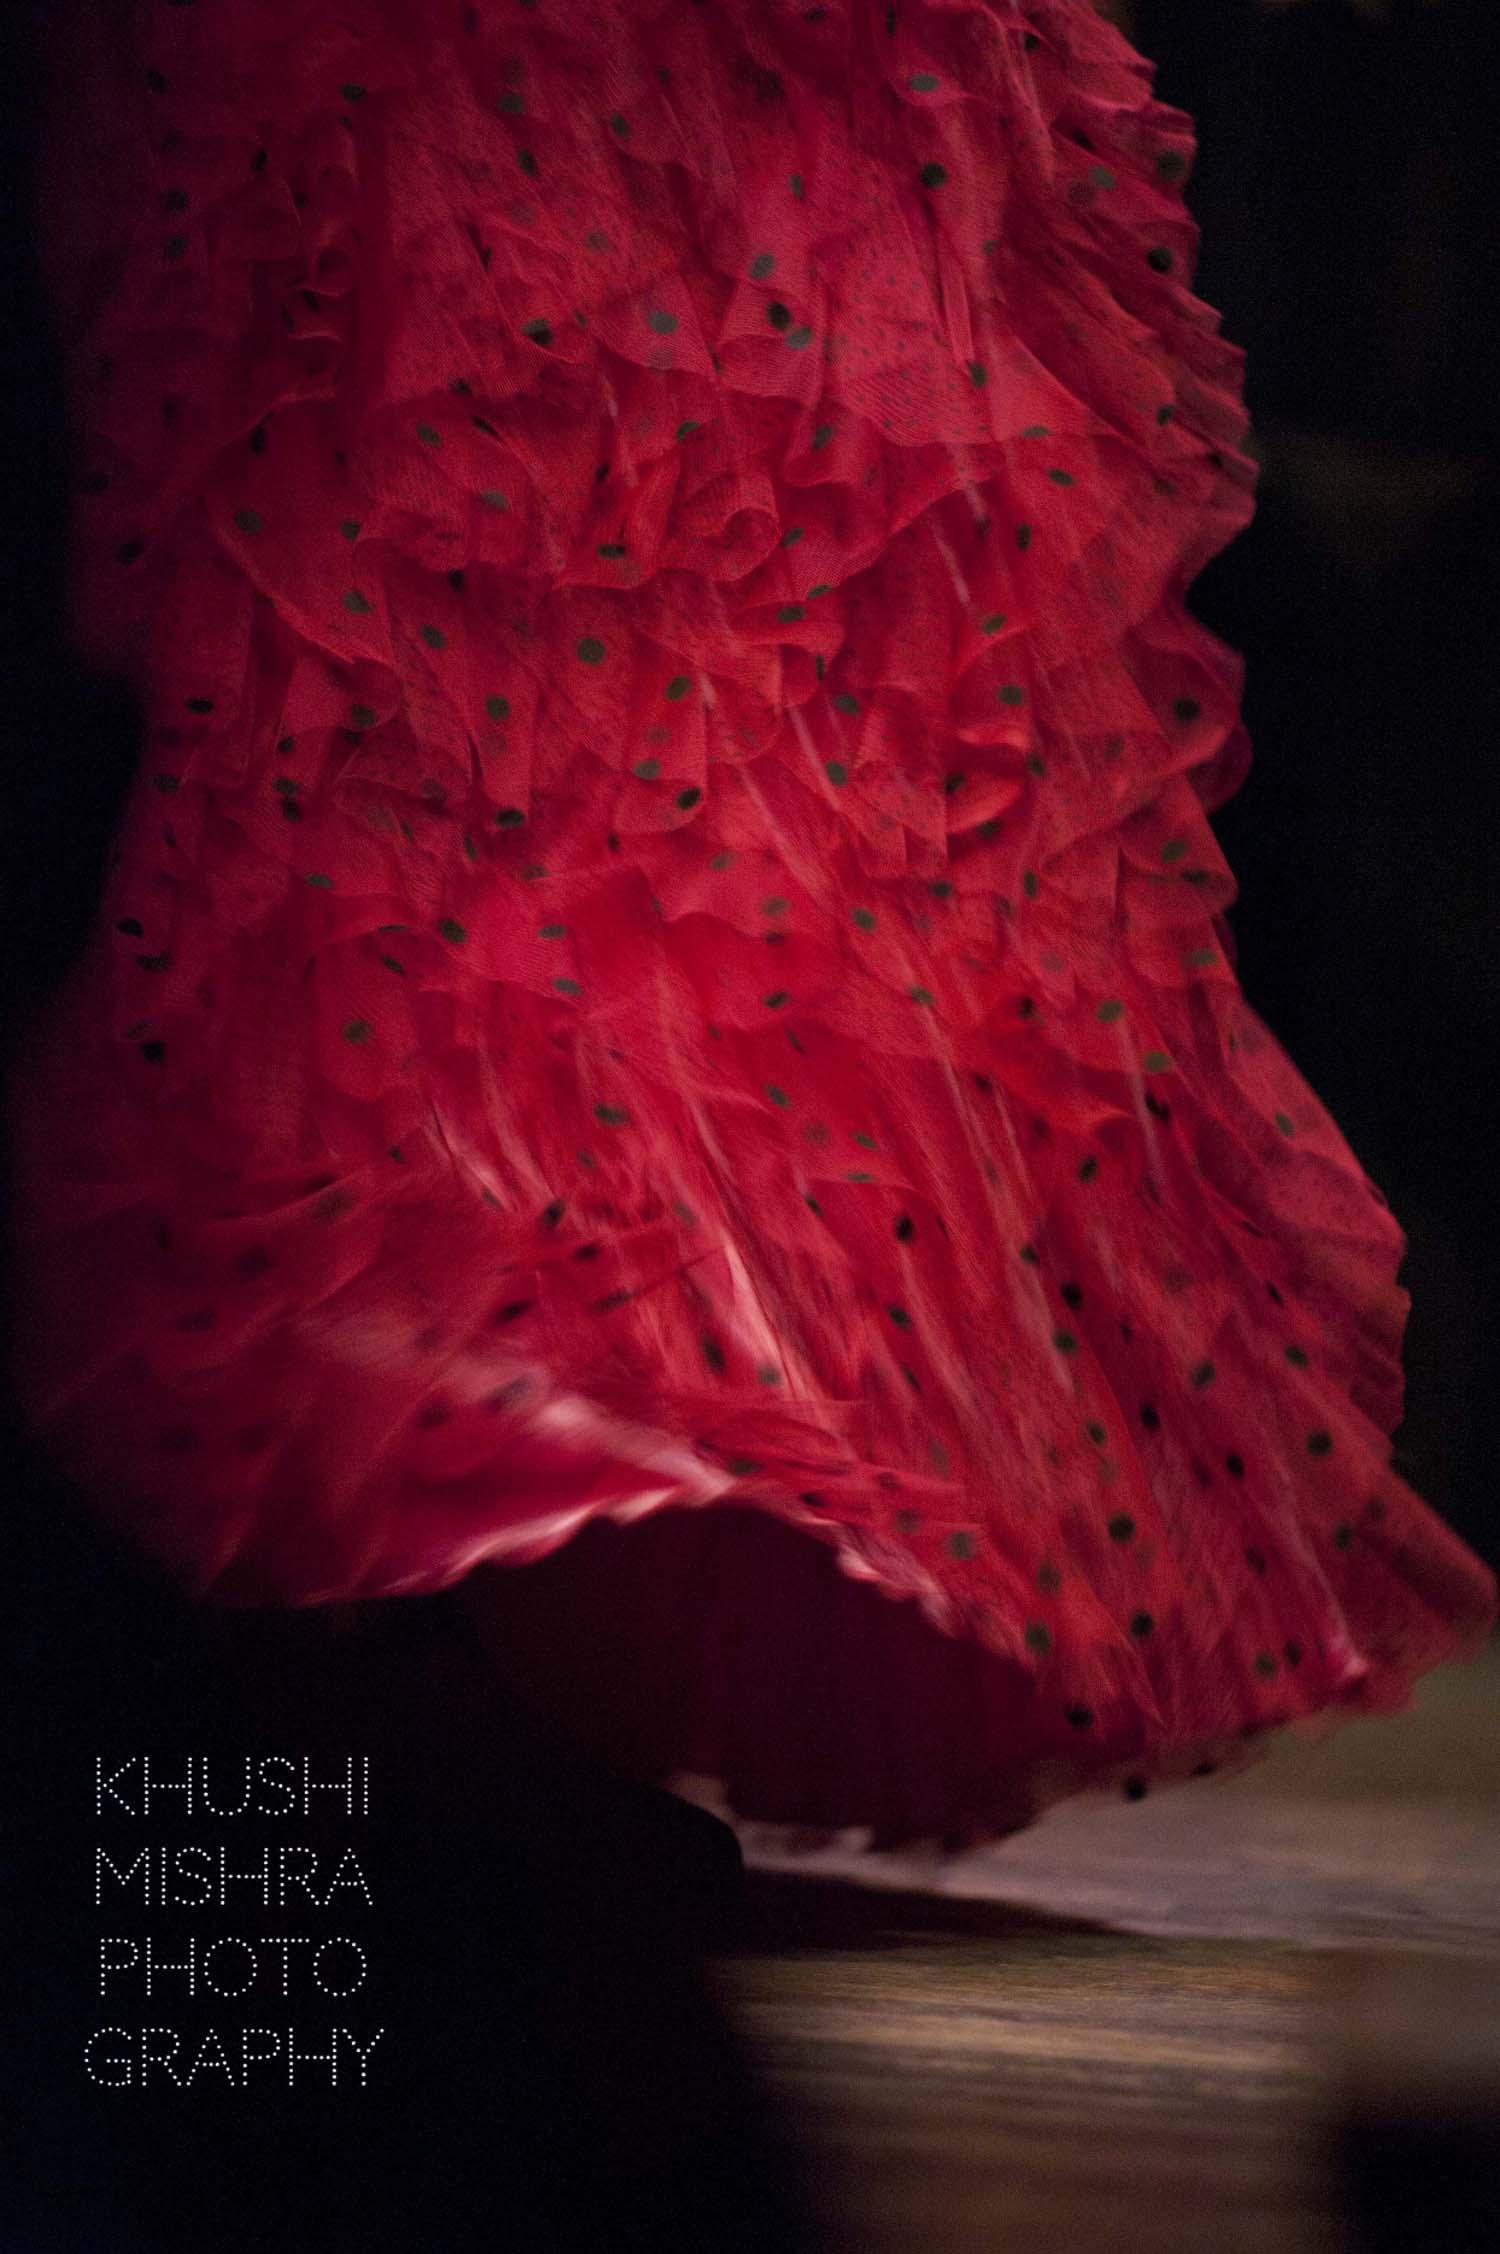 Flamenco_dsc_7945 copy.jpg